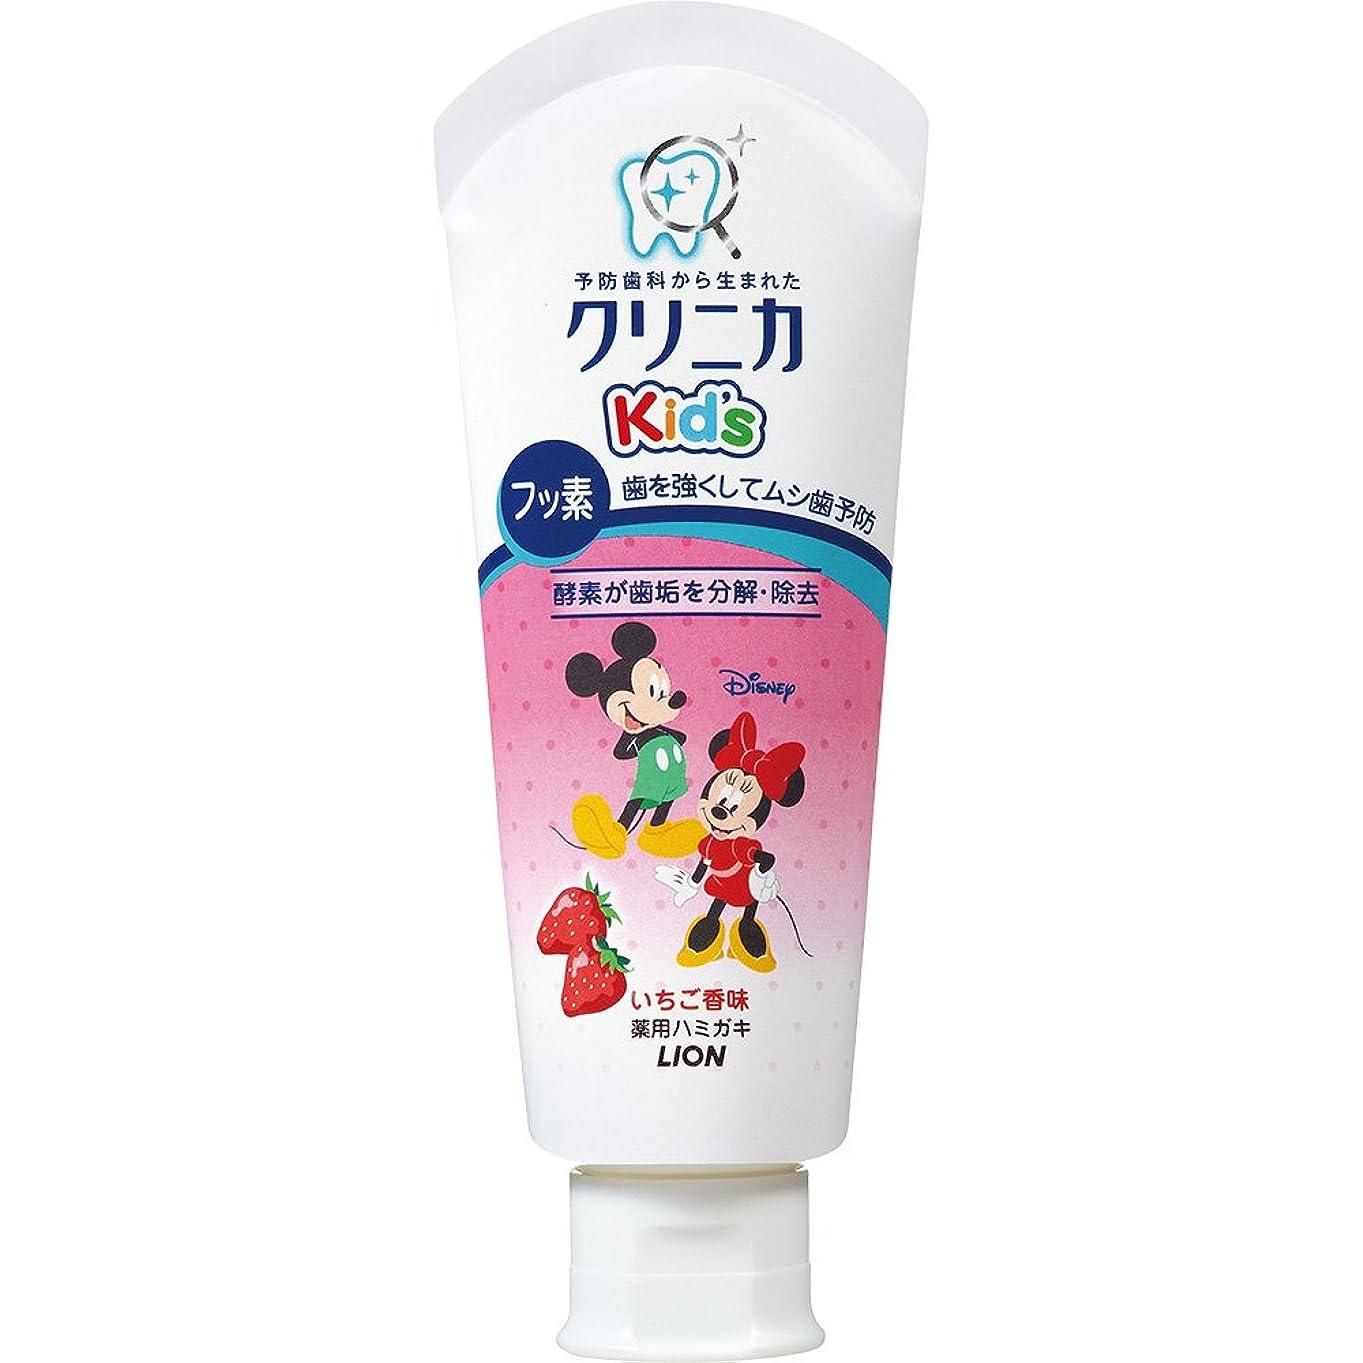 マスク法令ミシンクリニカKid'sハミガキ いちご 60g (医薬部外品)